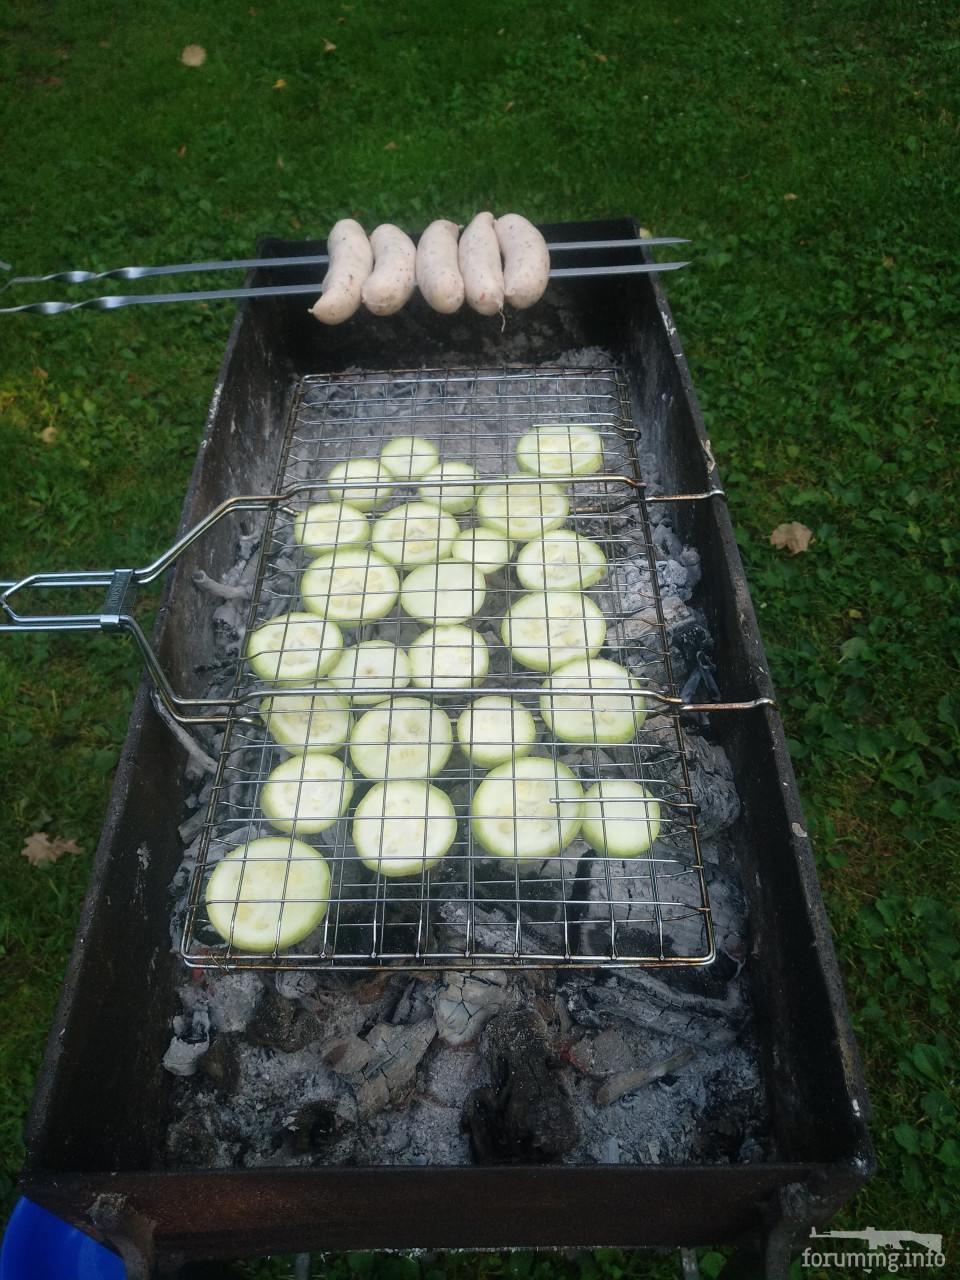 134854 - Закуски на огне (мангал, барбекю и т.д.) и кулинария вообще. Советы и рецепты.